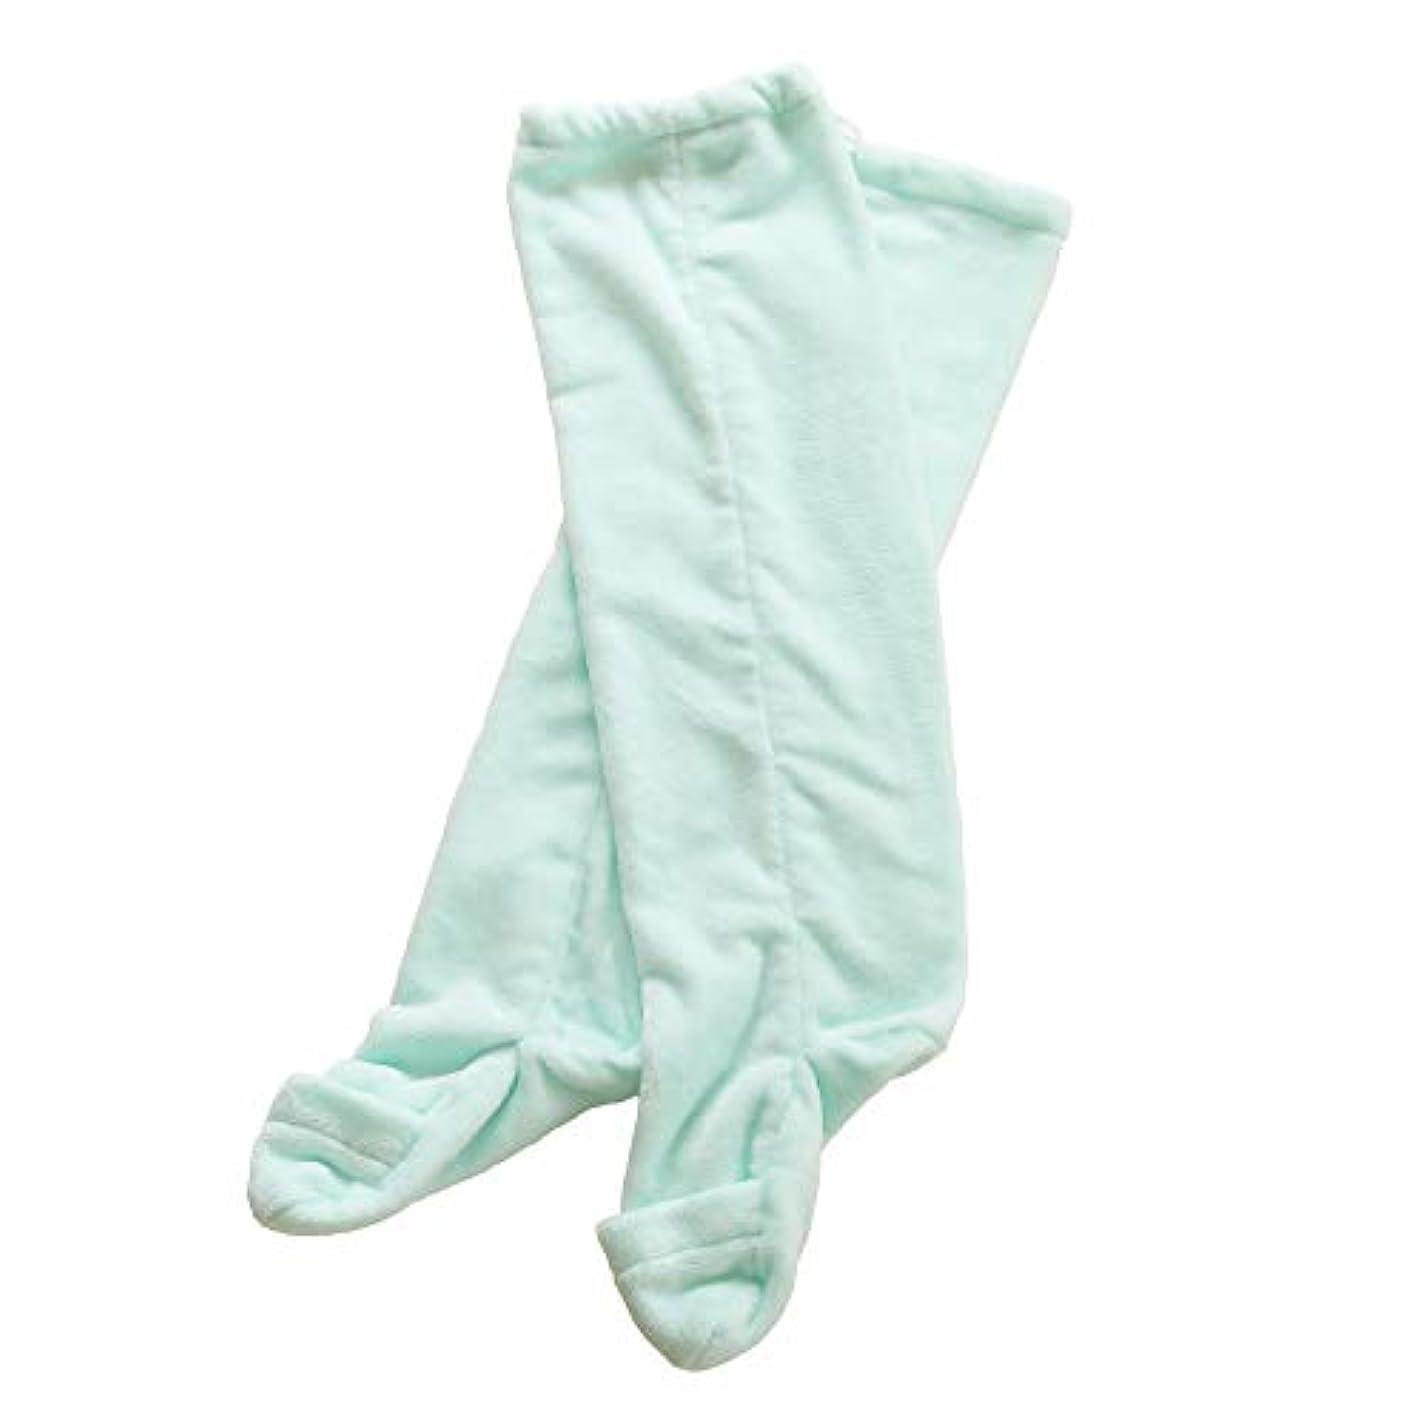 インフレーション西特性あったか ルームソックス 極暖 足が出せるロングカバー レッグウォーマー 冷え取り靴下 履く毛布